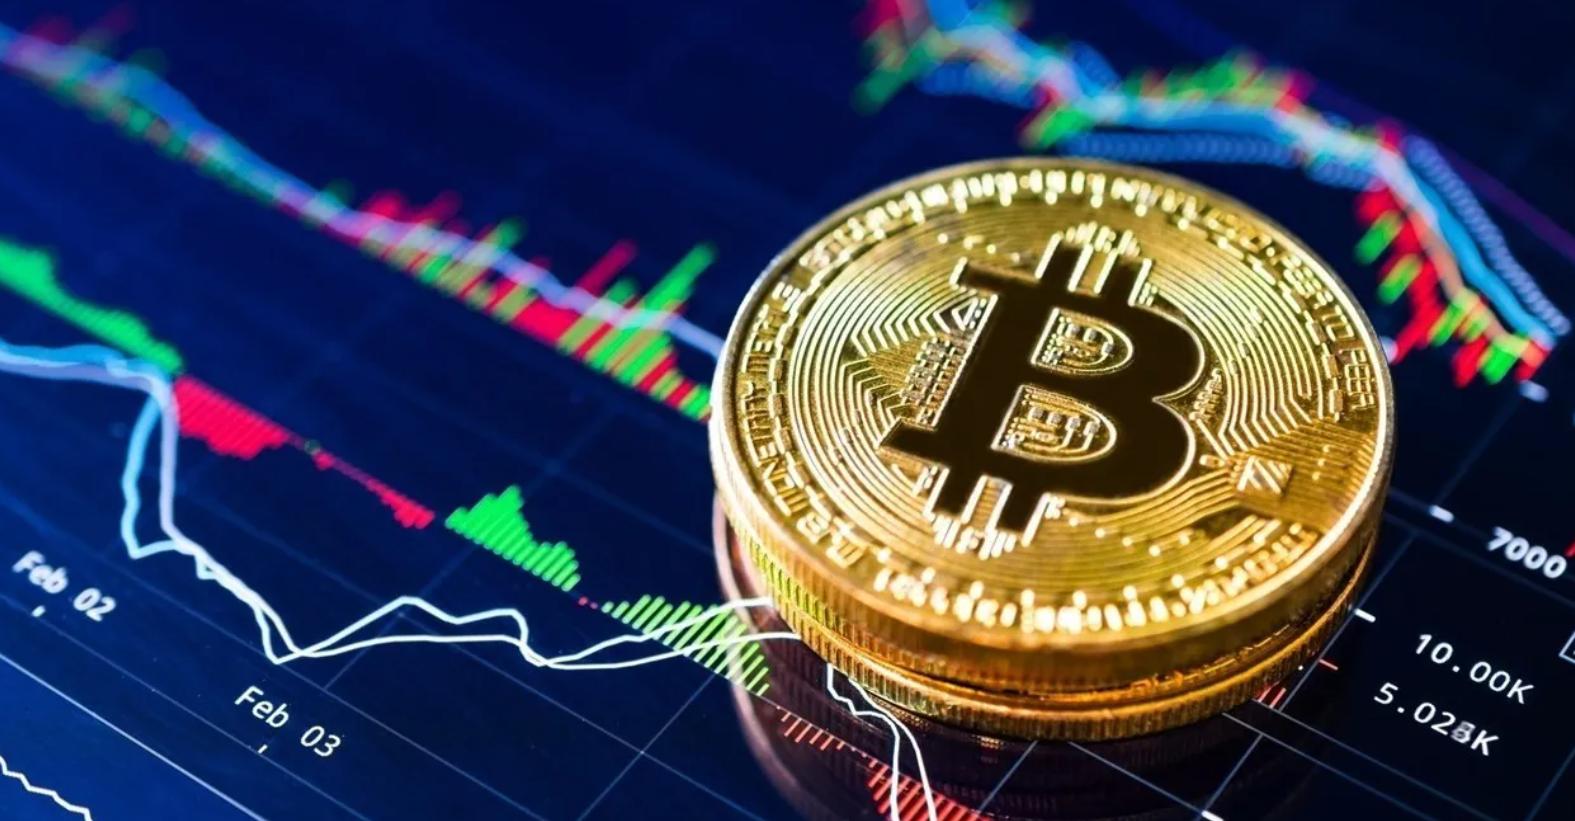 Kurumsallar Bitcoin Biriktiriyor Mu?